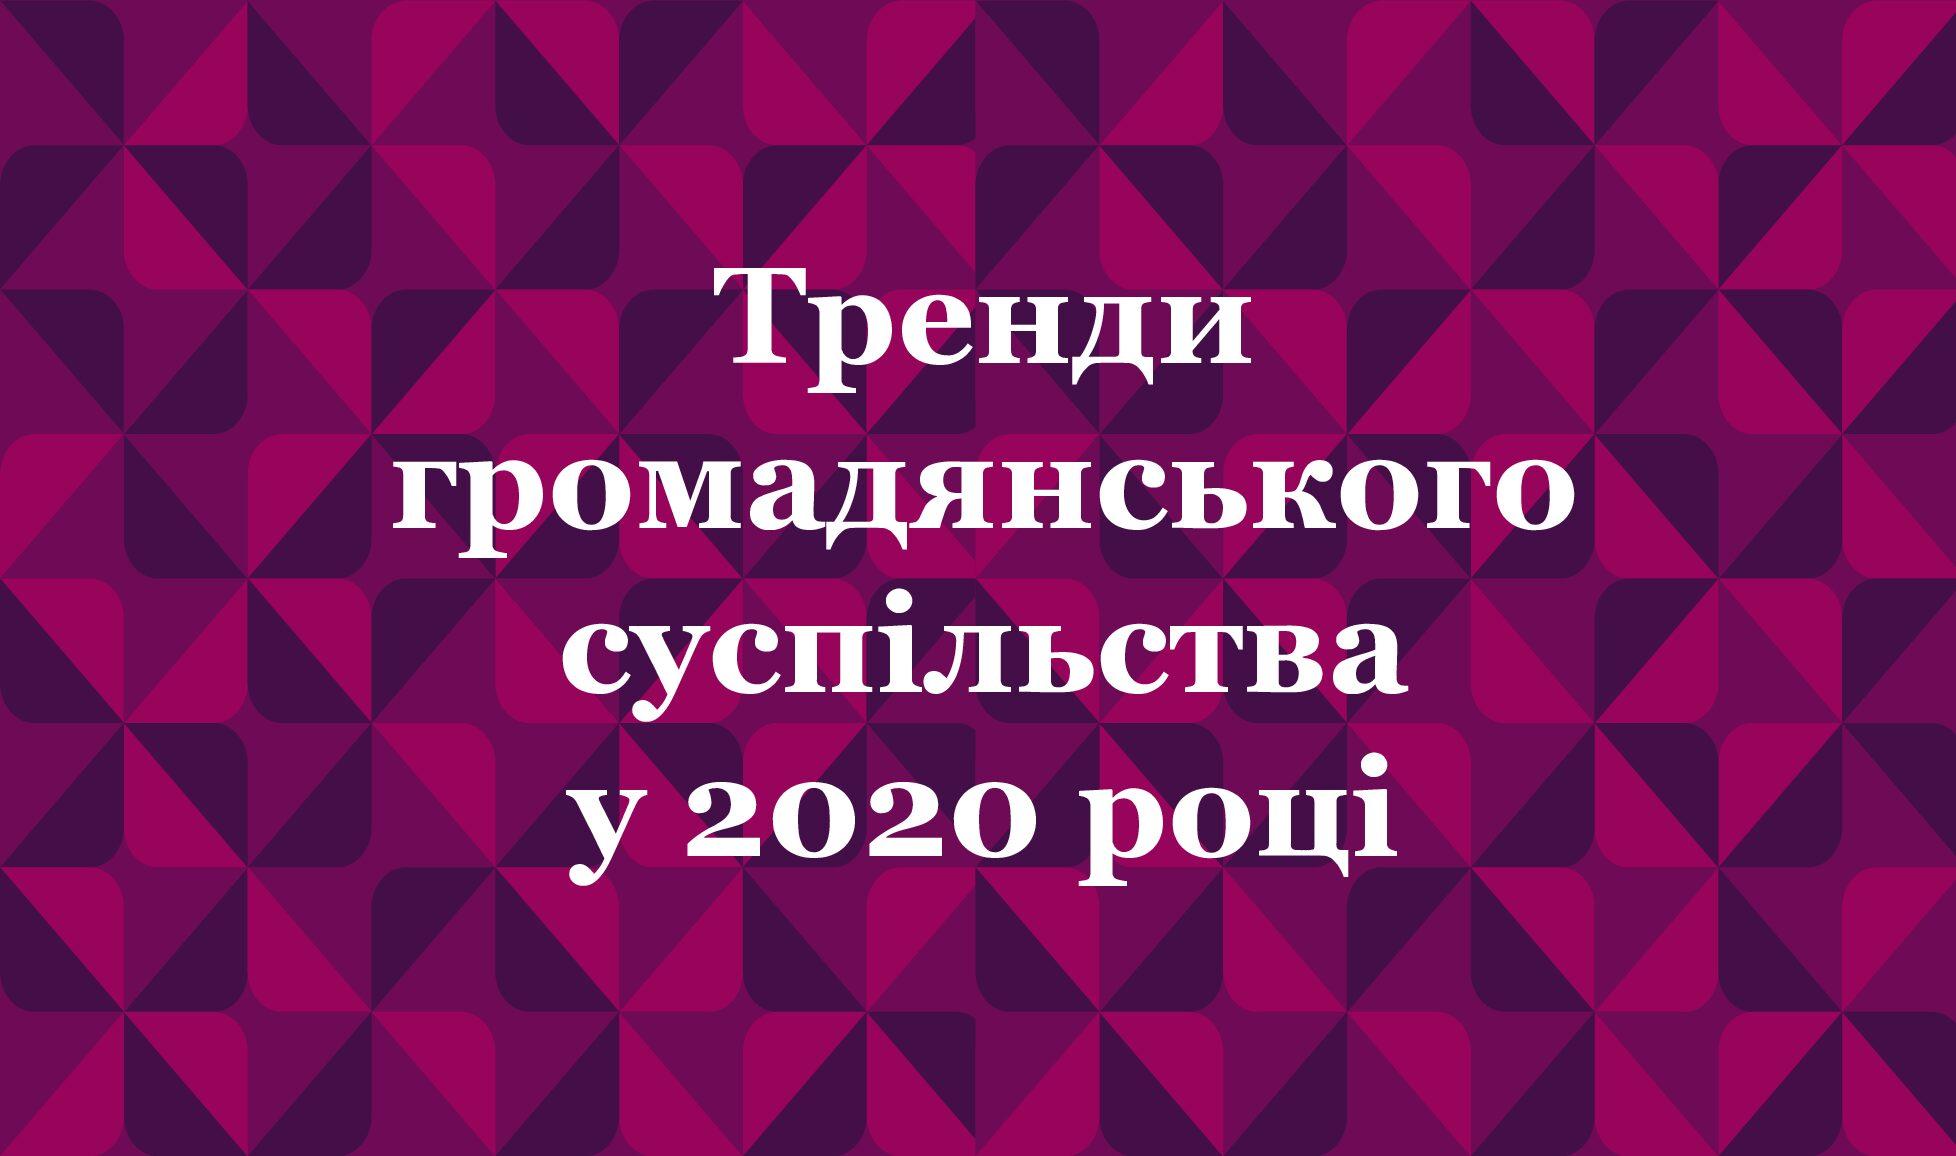 Тренди громадянського суспільства у 2020 році